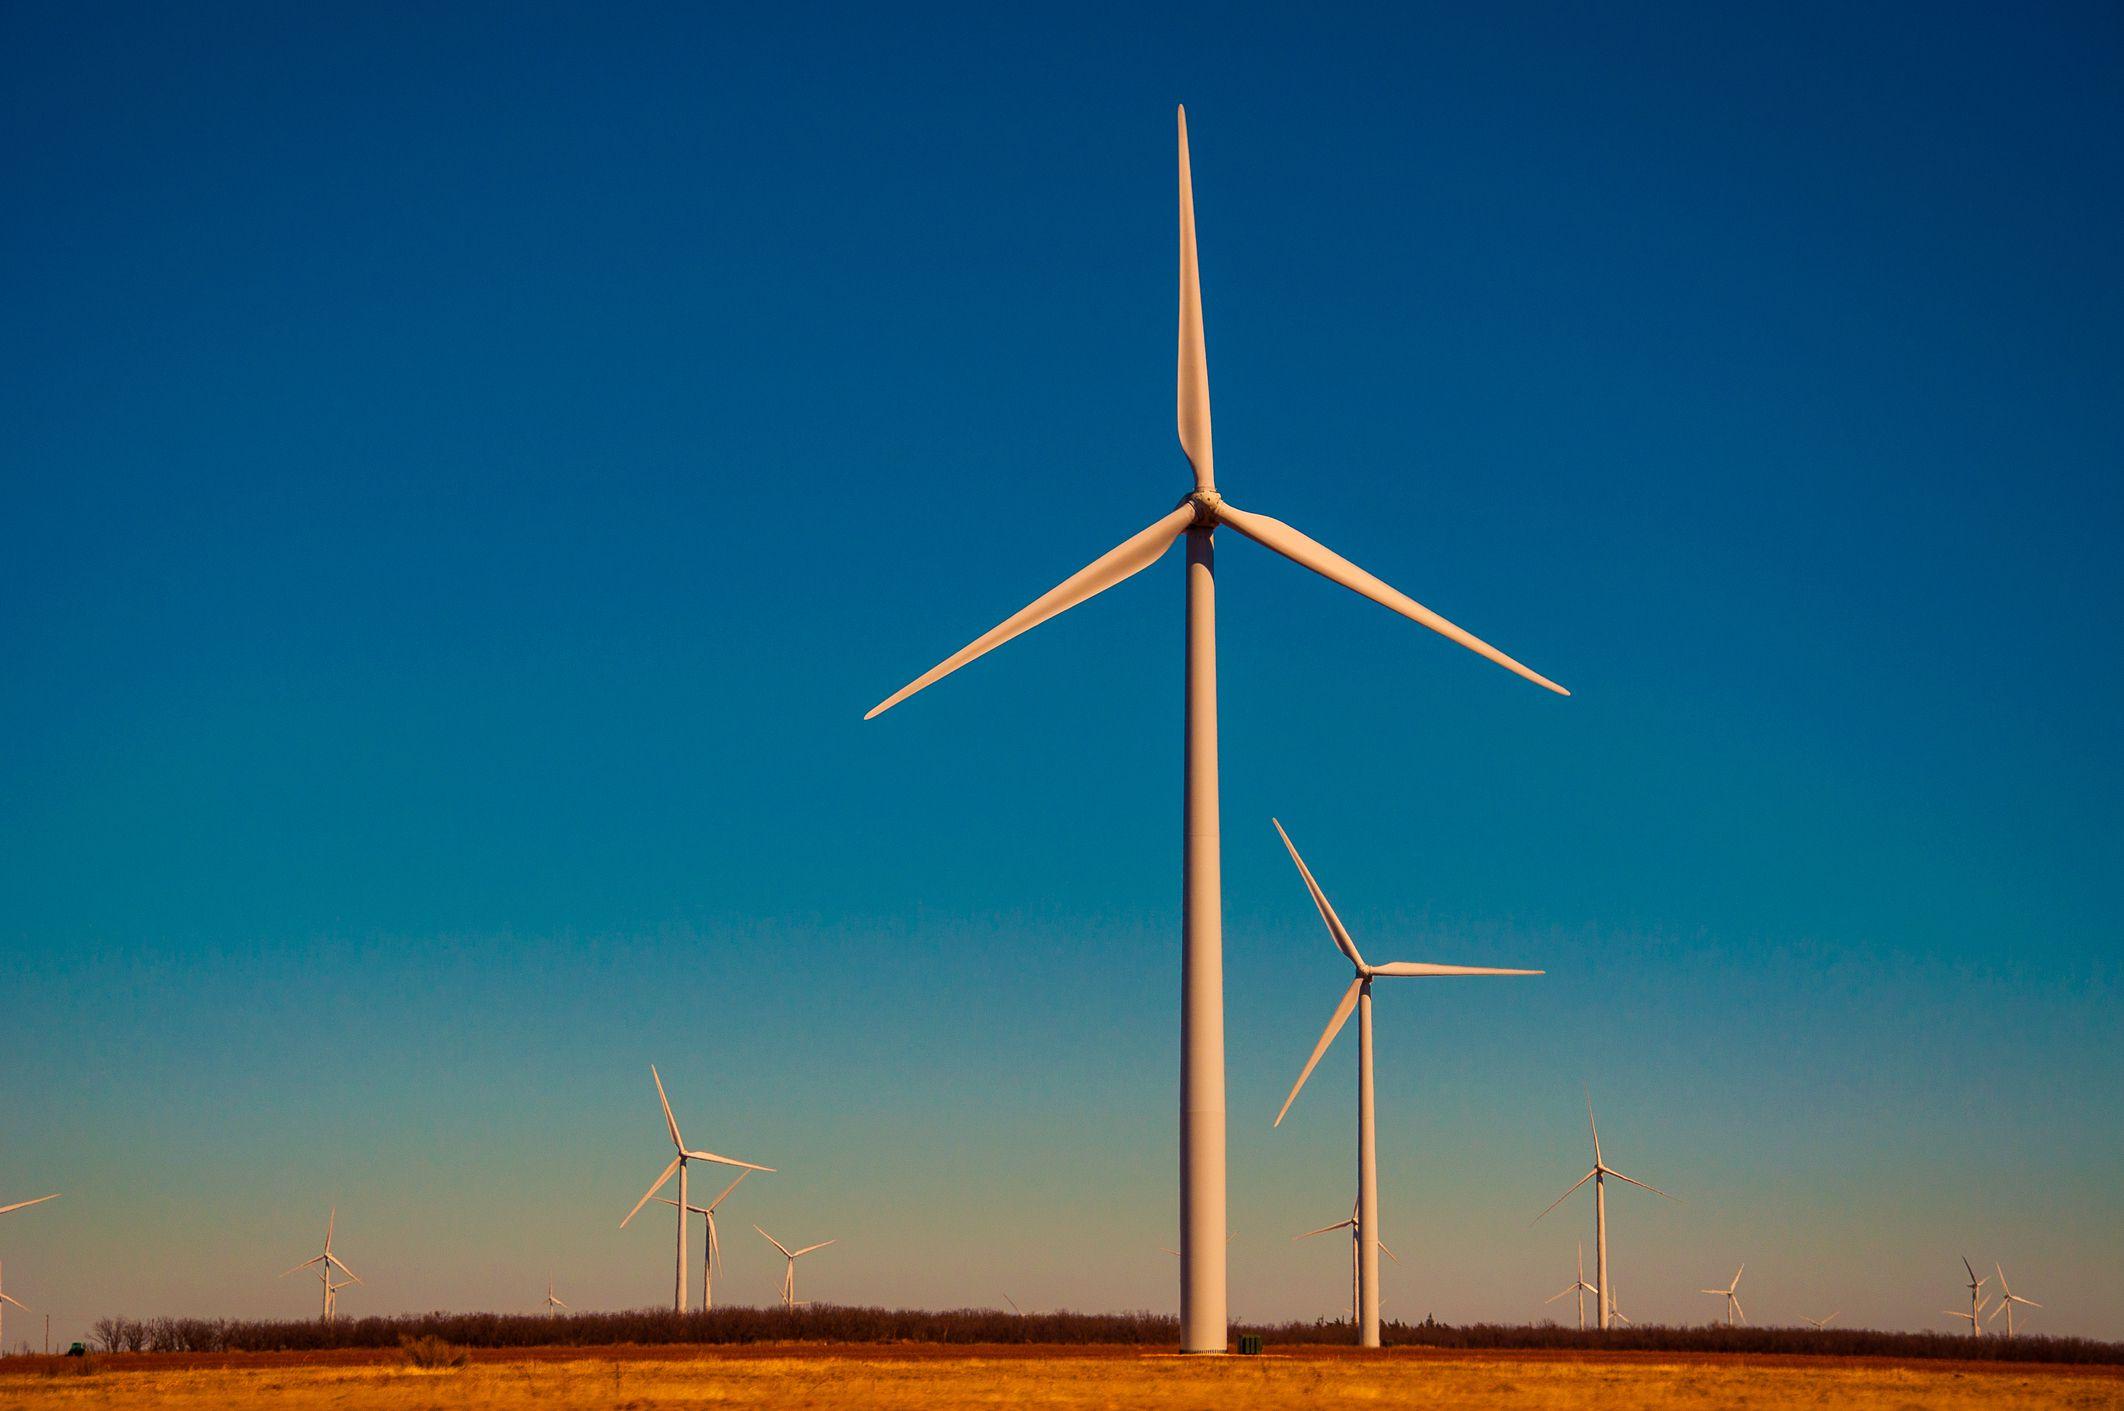 Wind farm in Lubbock, Texas